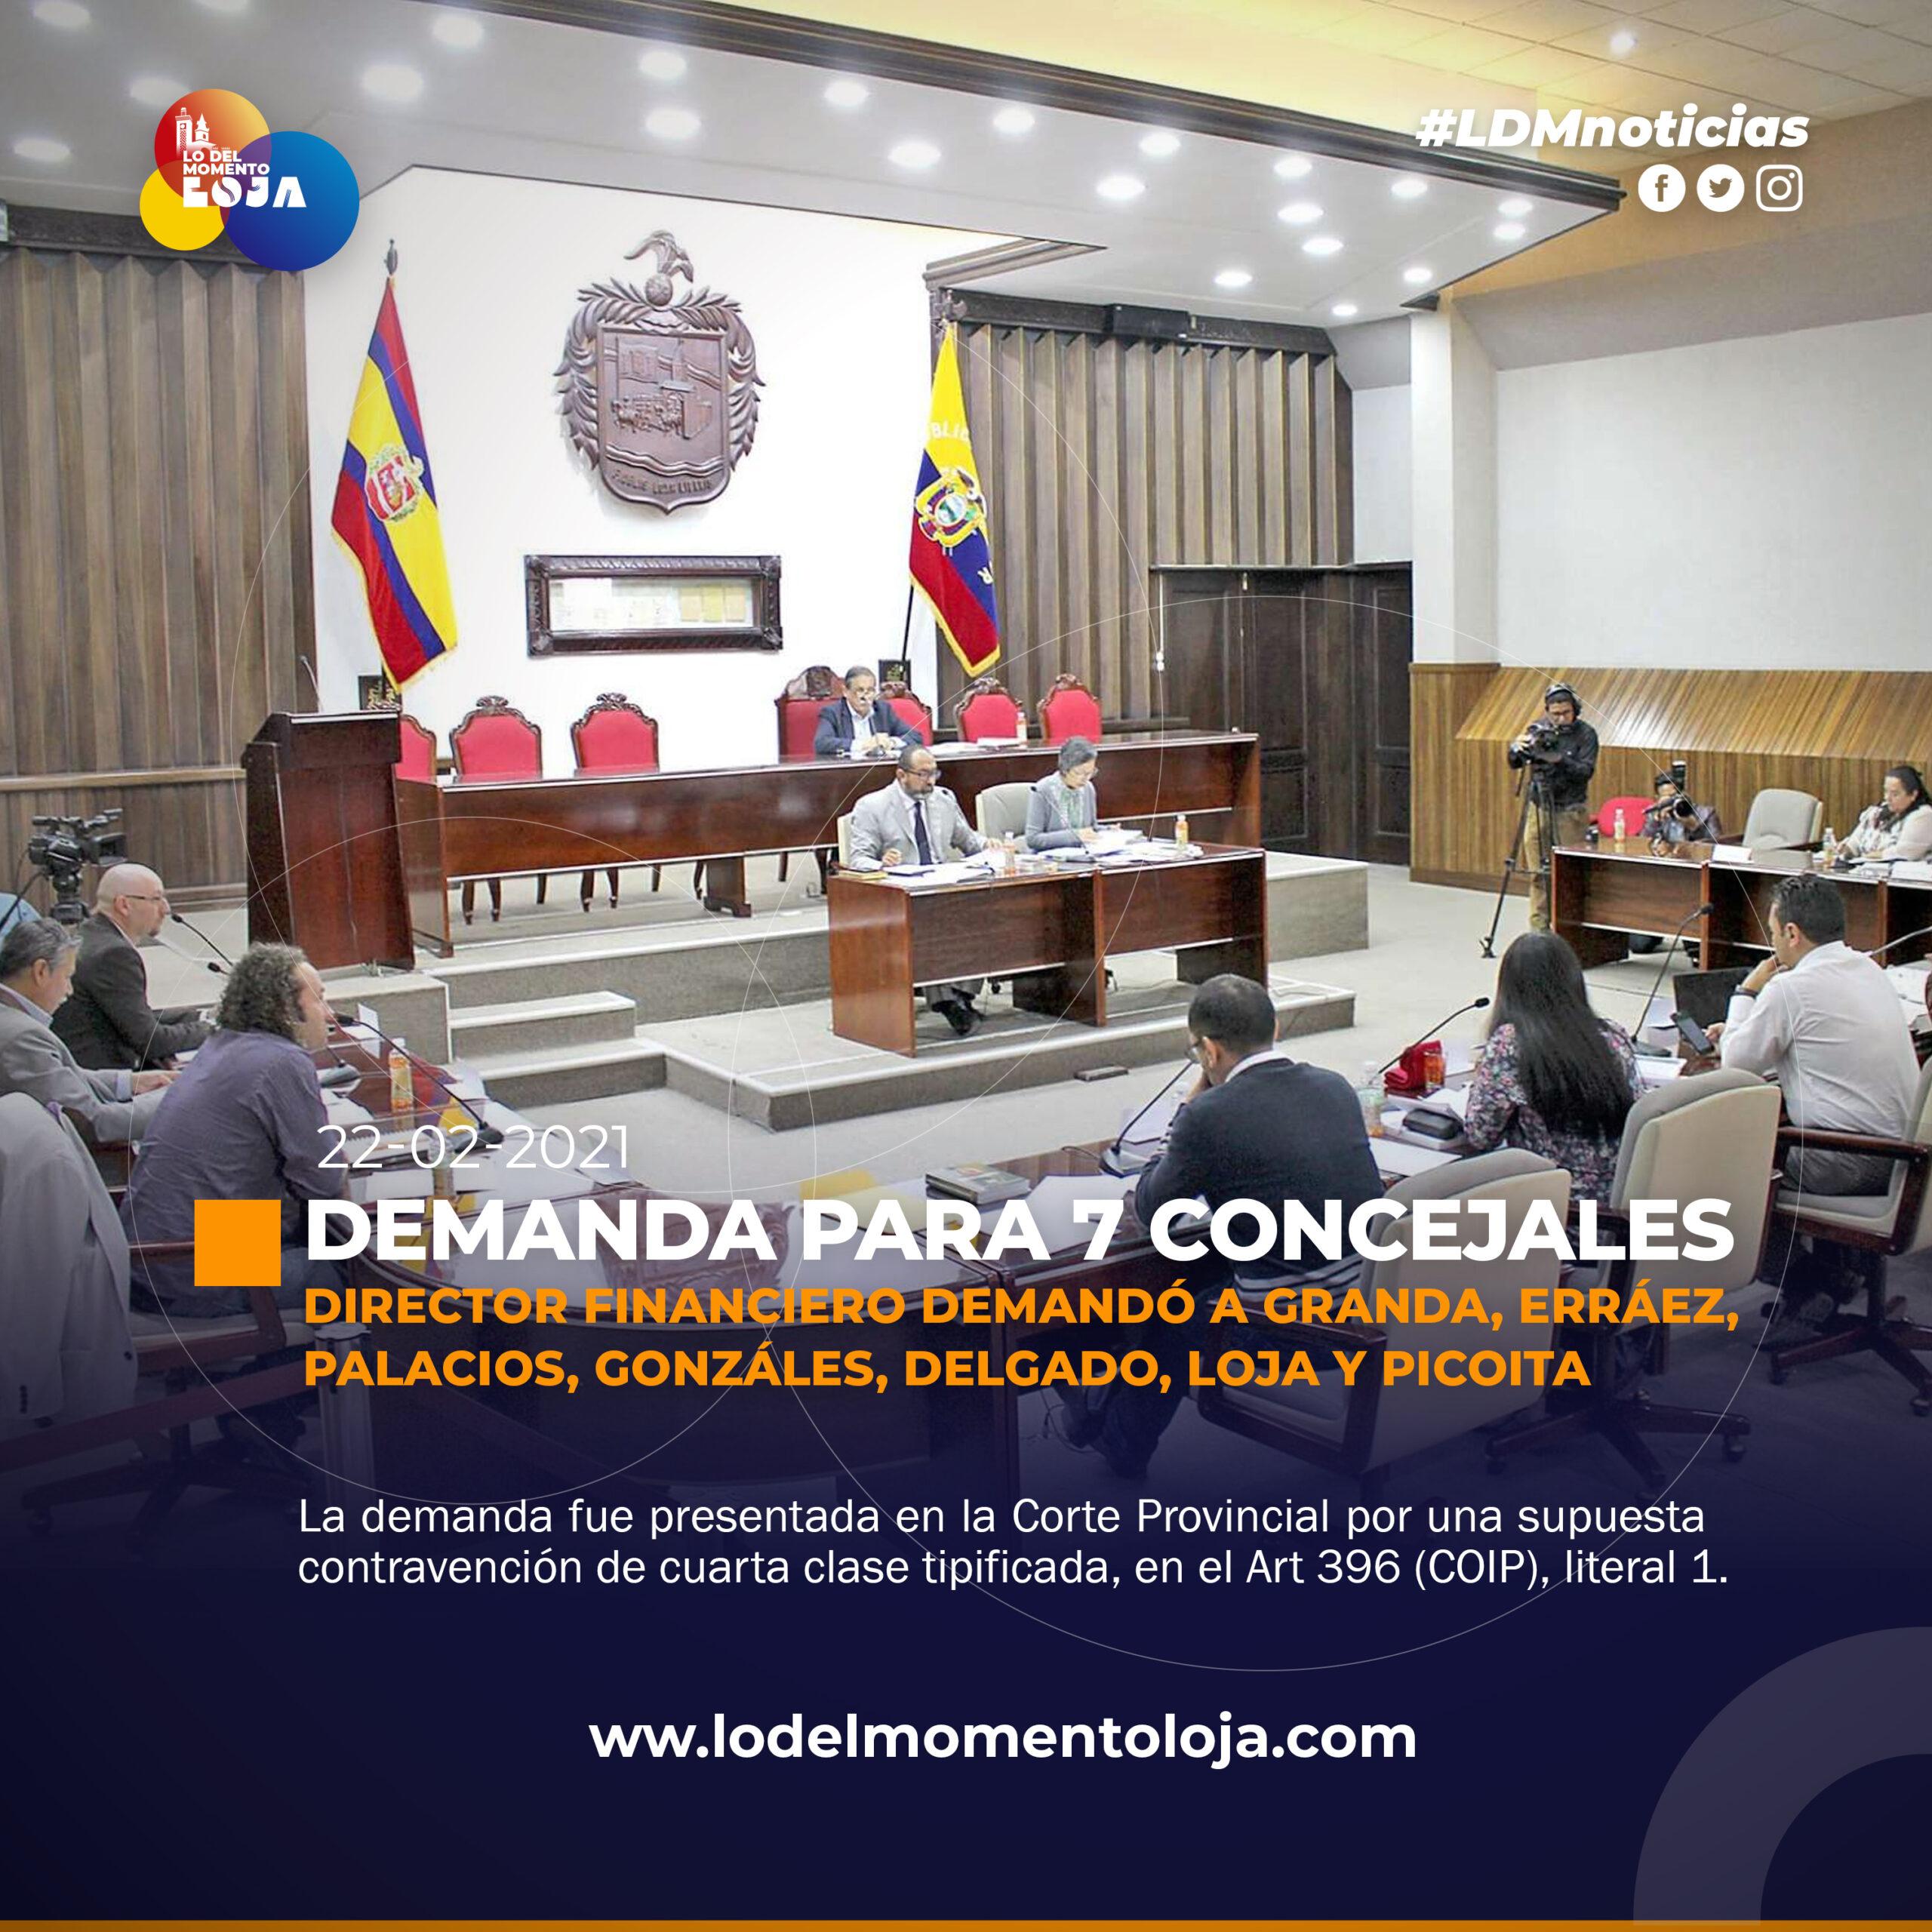 DEMANDAN A 7 CONCEJALES DE LOJA